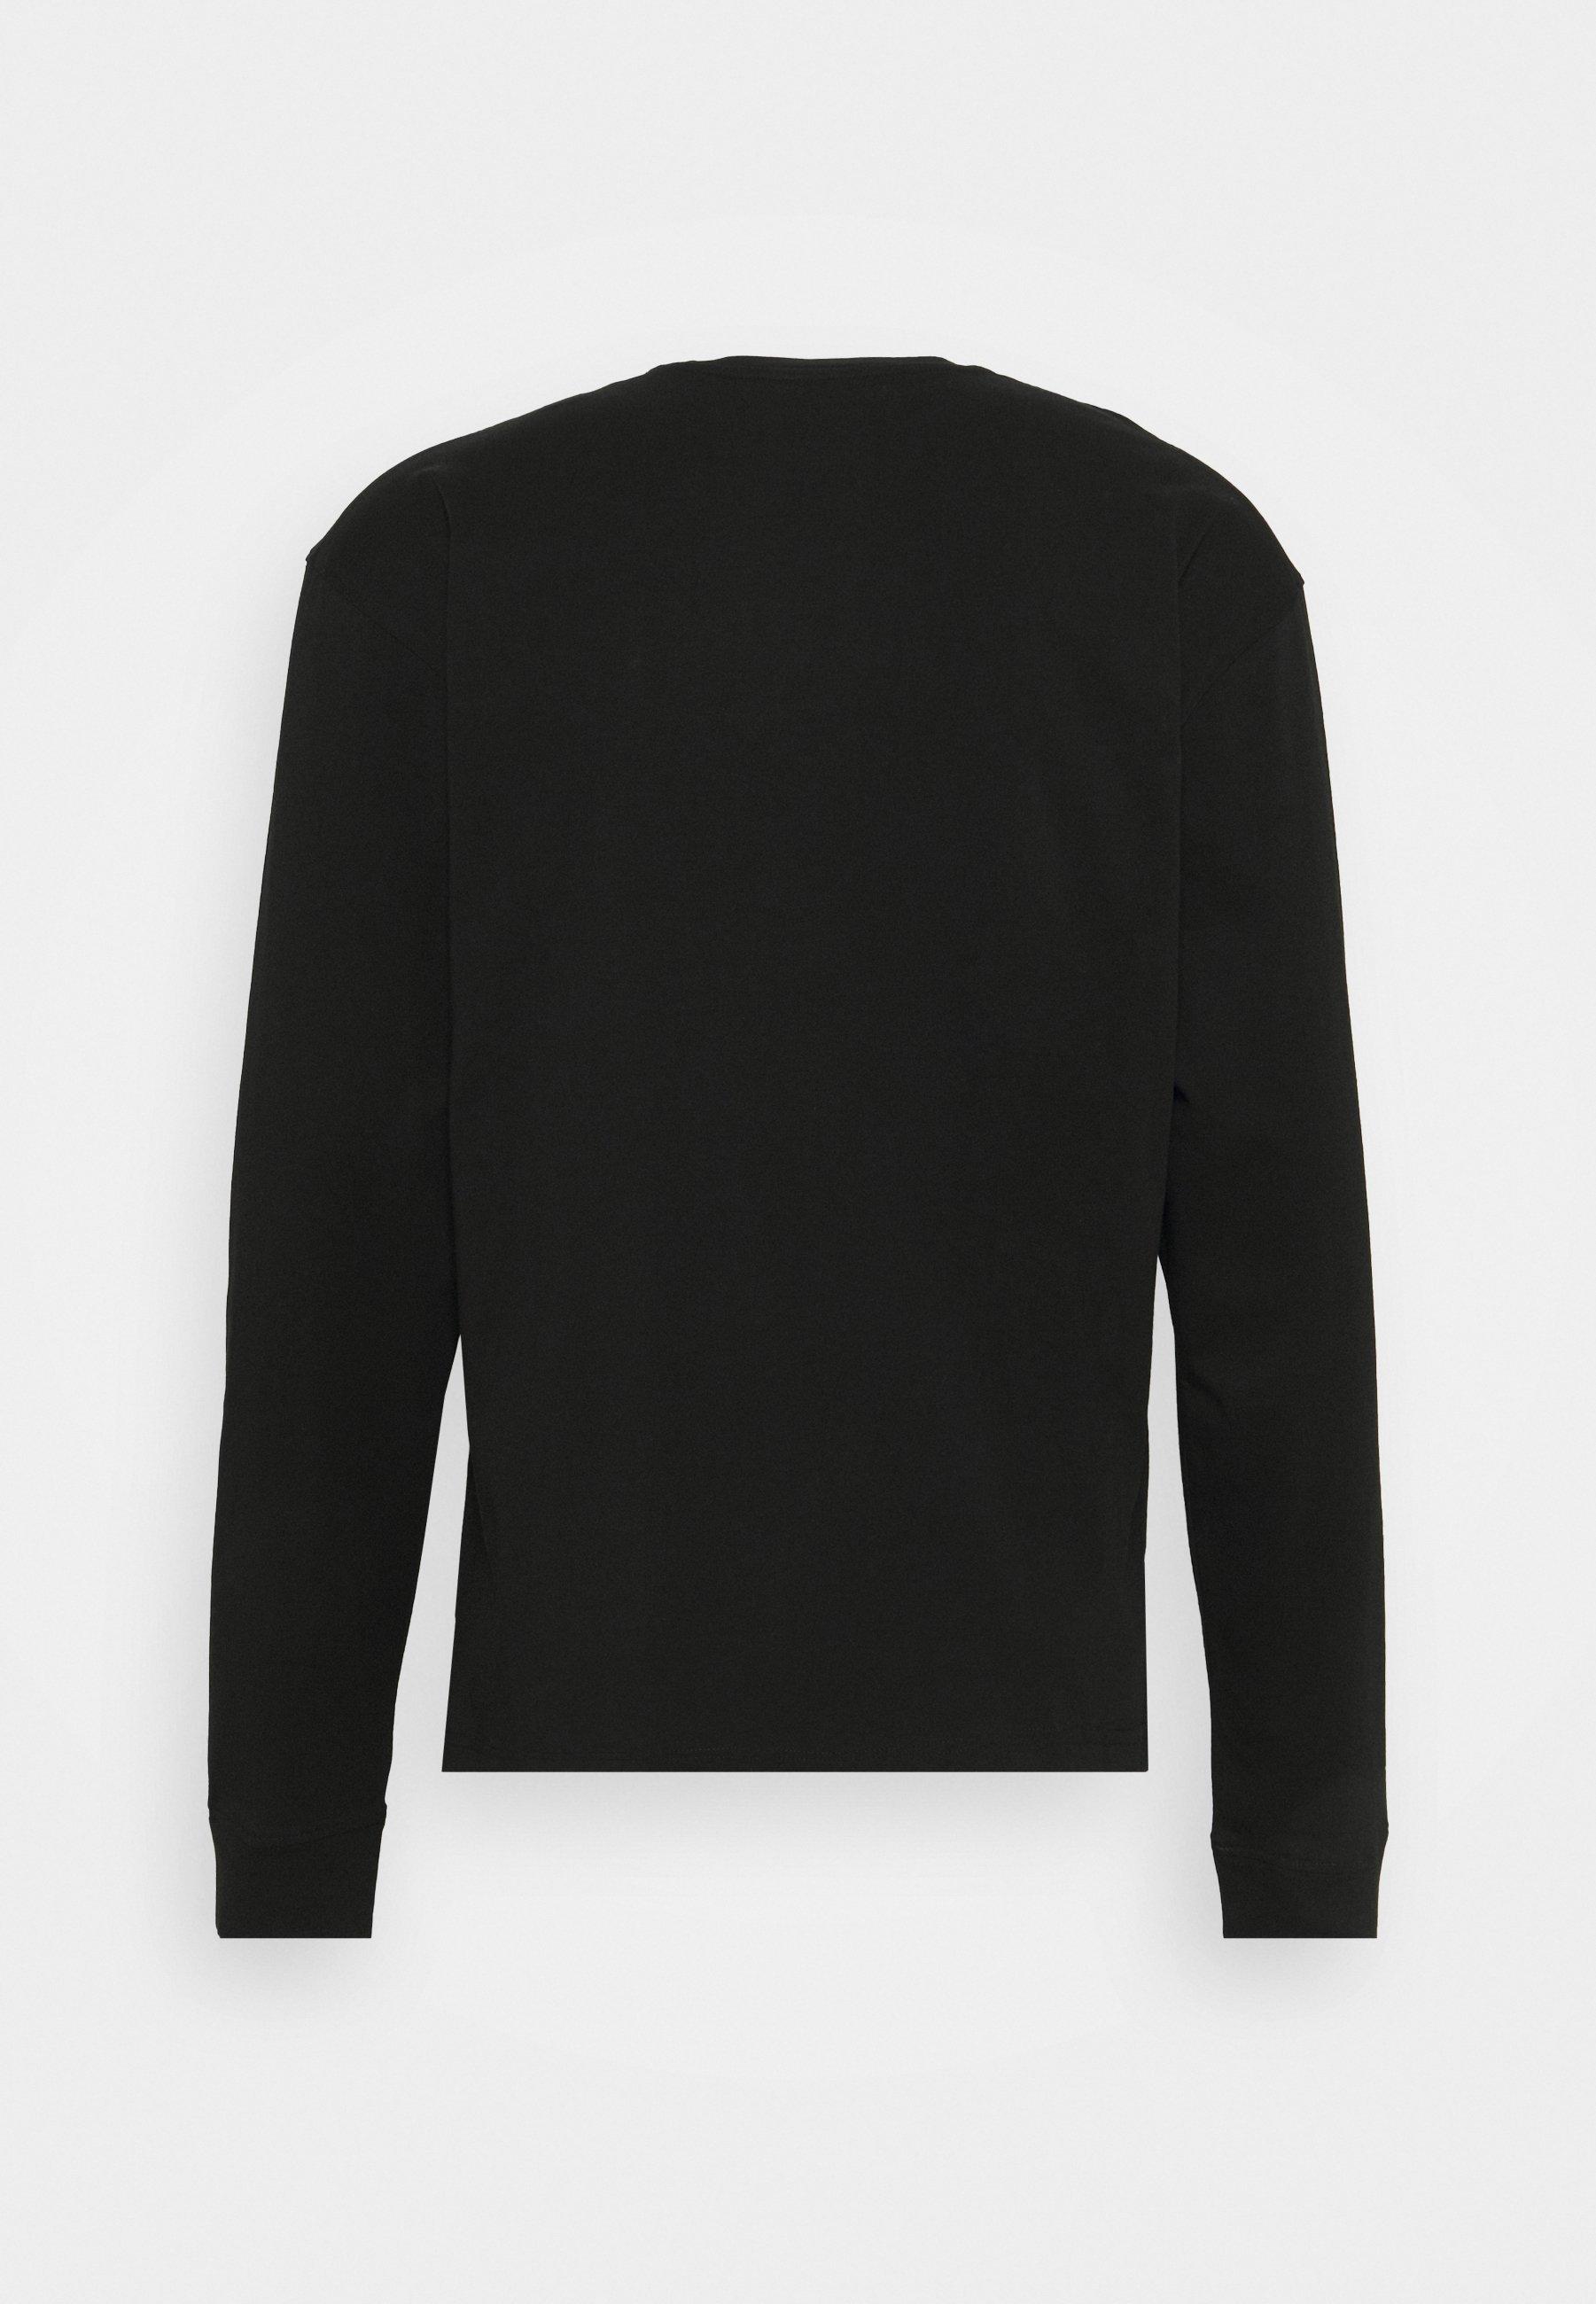 Men UPPER BODY GARMENT - Long sleeved top